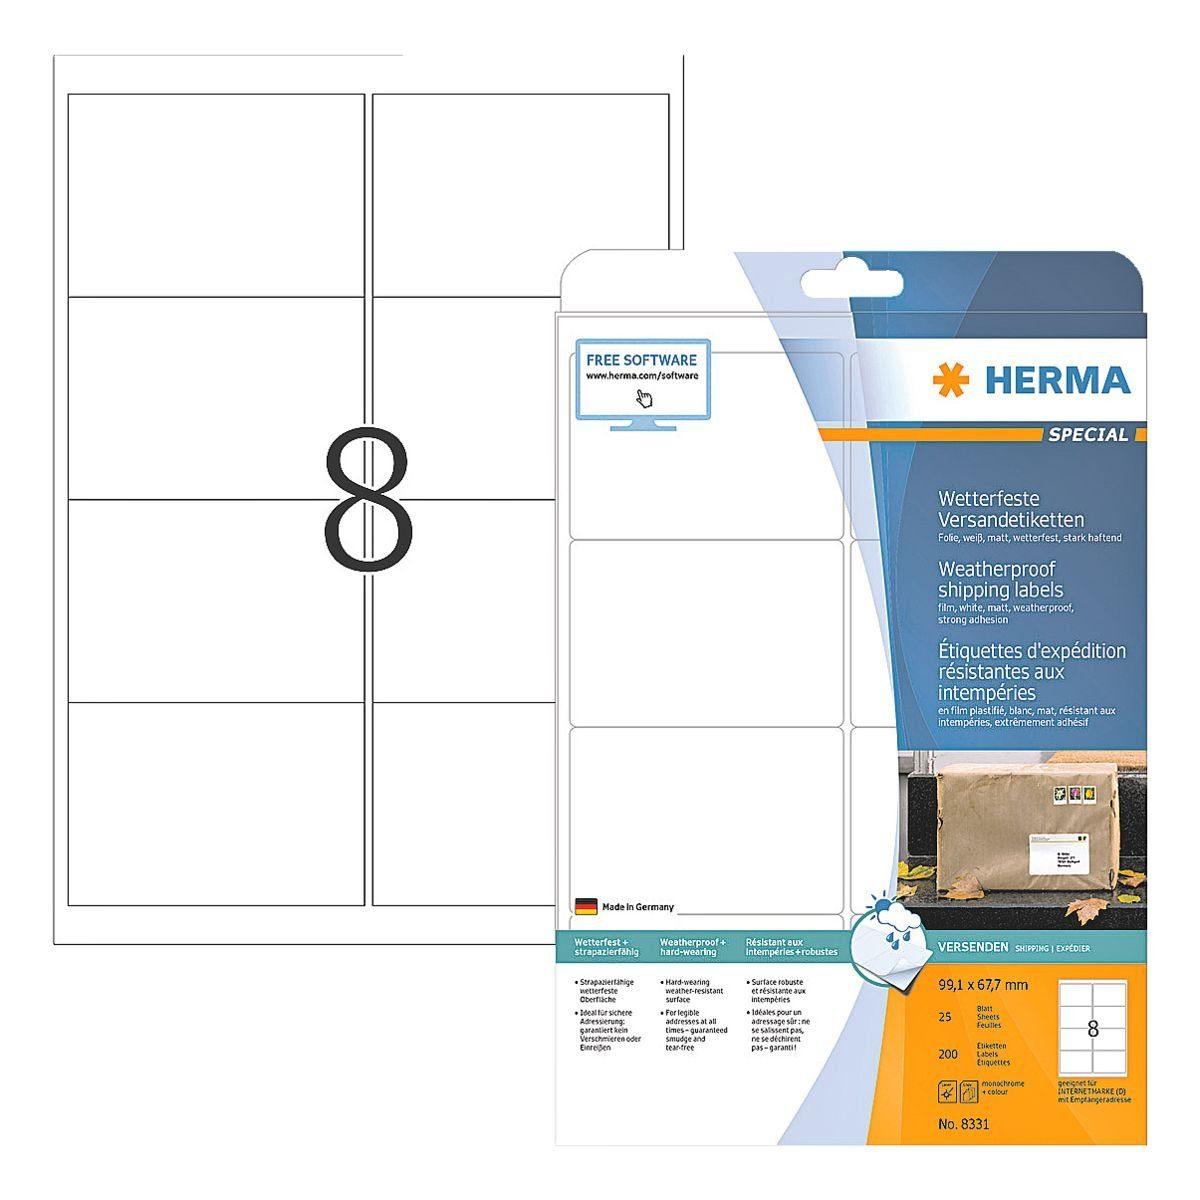 HERMA Versand Folien-Etiketten 200 Stück »Special«